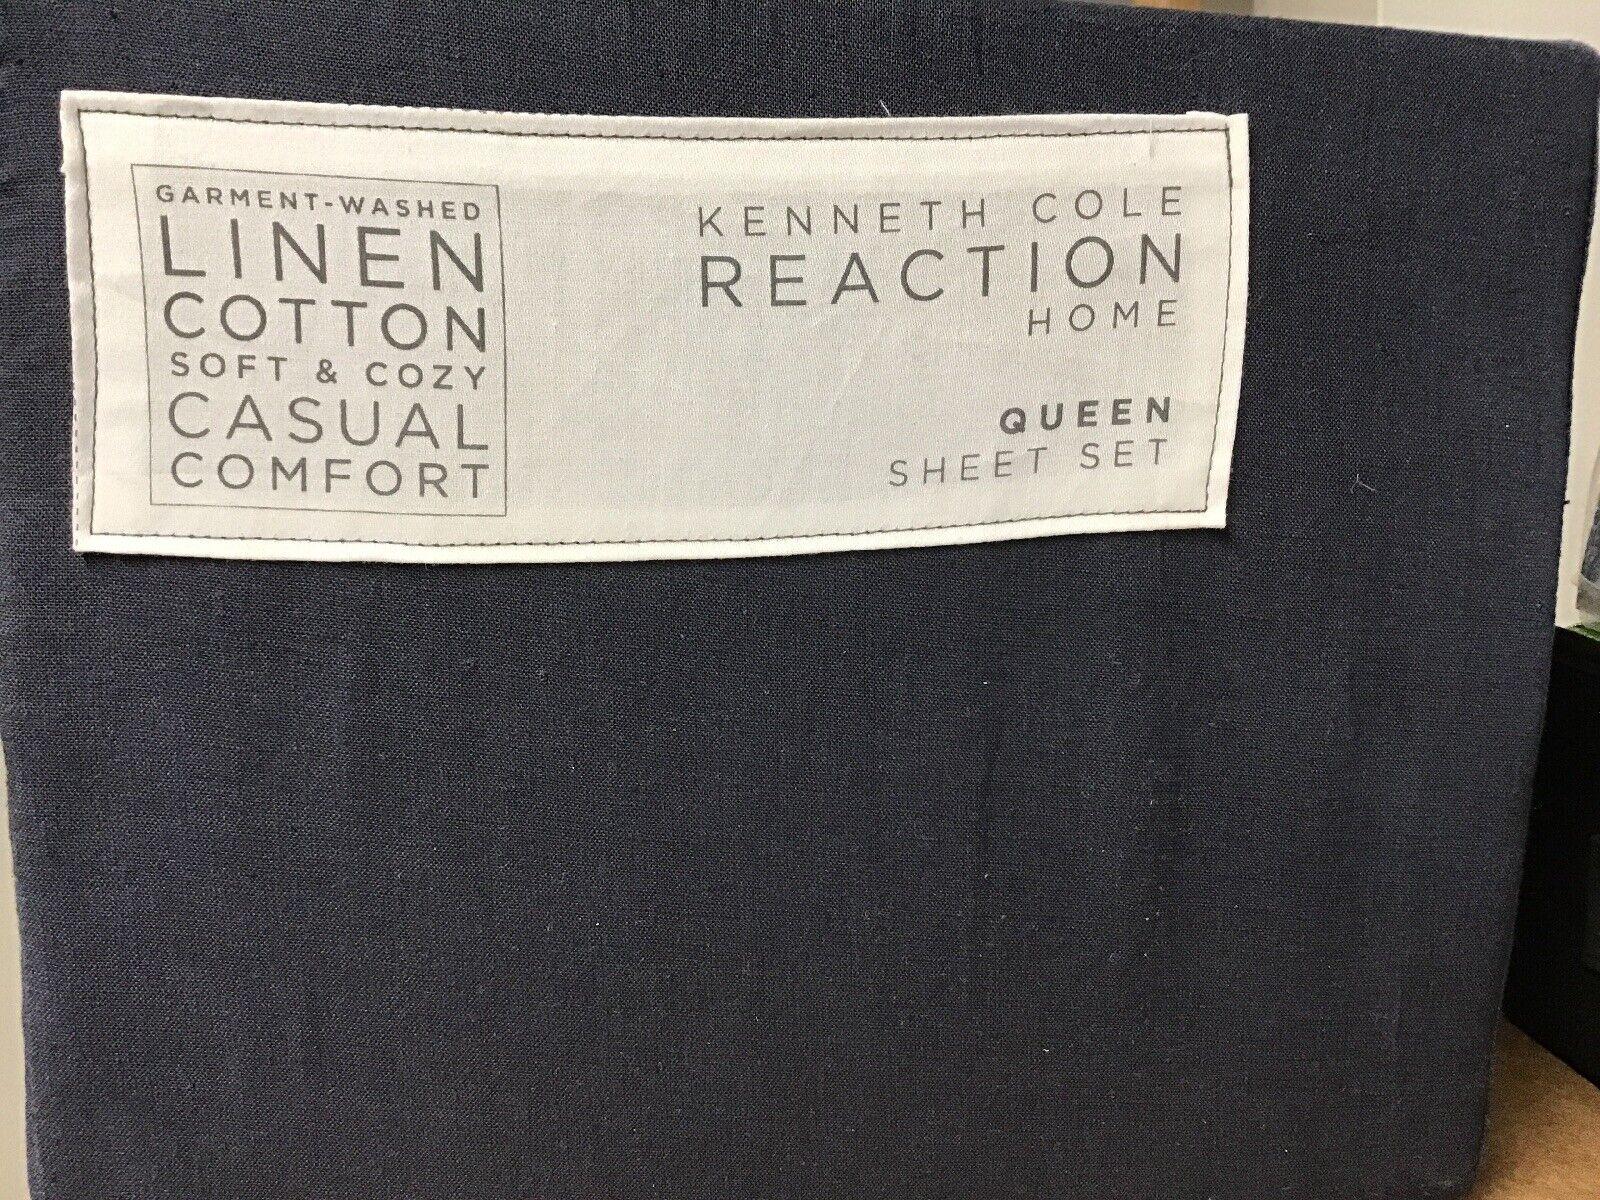 Kenneth Cole VêteHommest lavé lin et coton taille Queen feuilles bleu marine